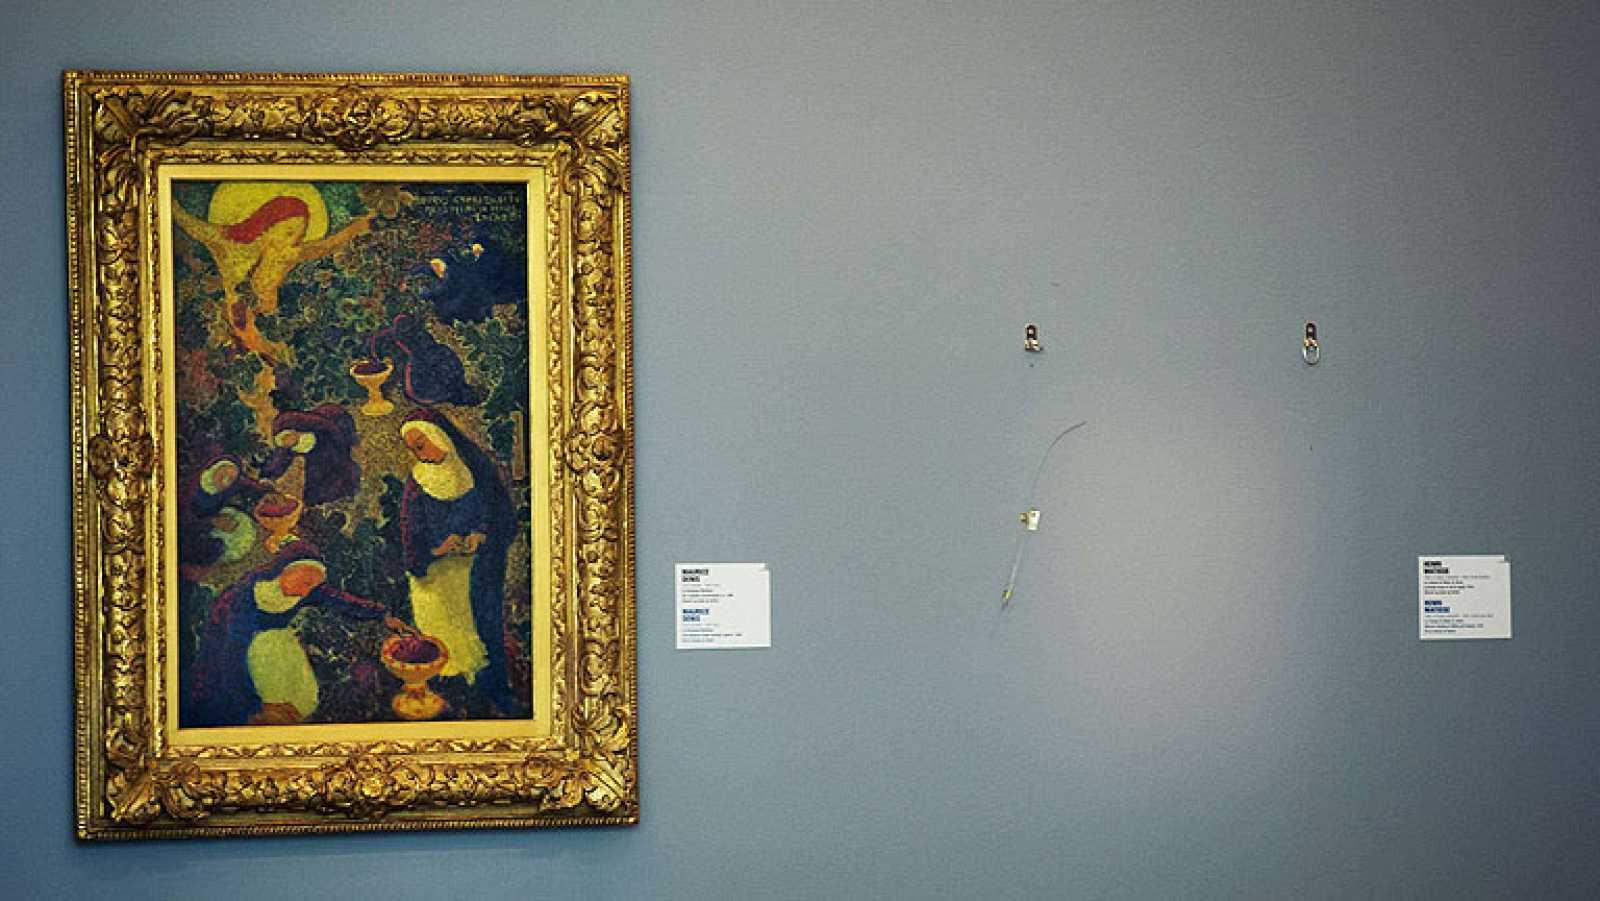 Los cuadros robados del museo Kunsthal de Rotterdam fueron quemados ...